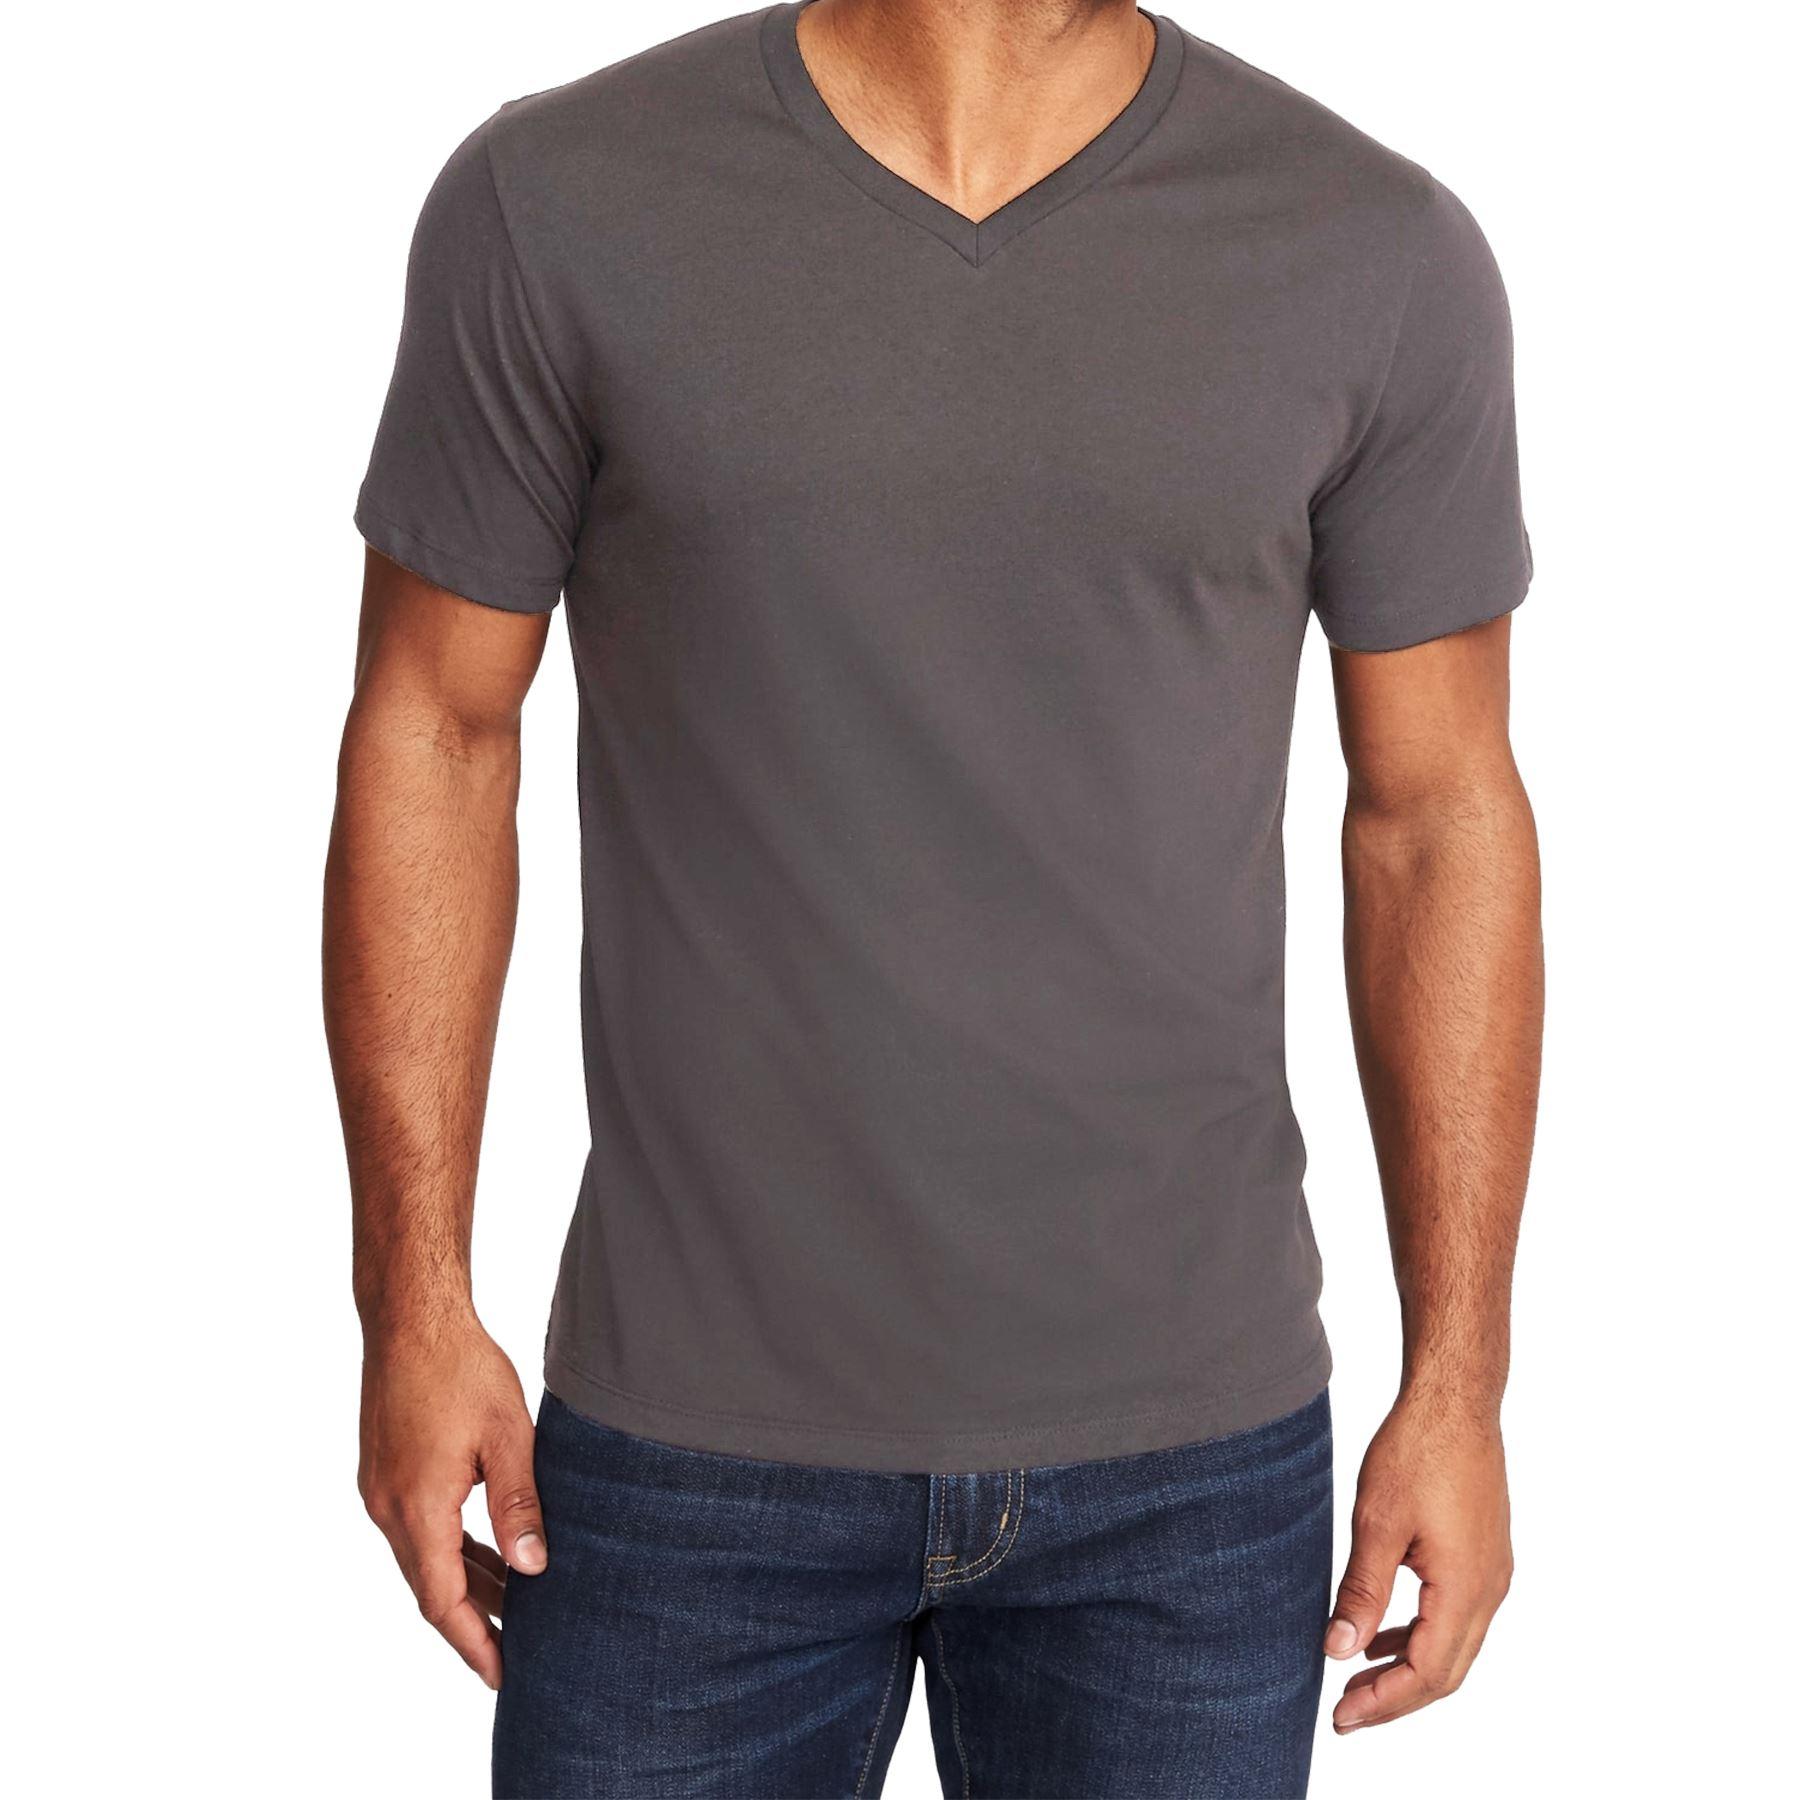 5a8da4ee3 Mens Soft Washed V Neck T Shirt Plain Old Navy Slim Fit Gym Short ...